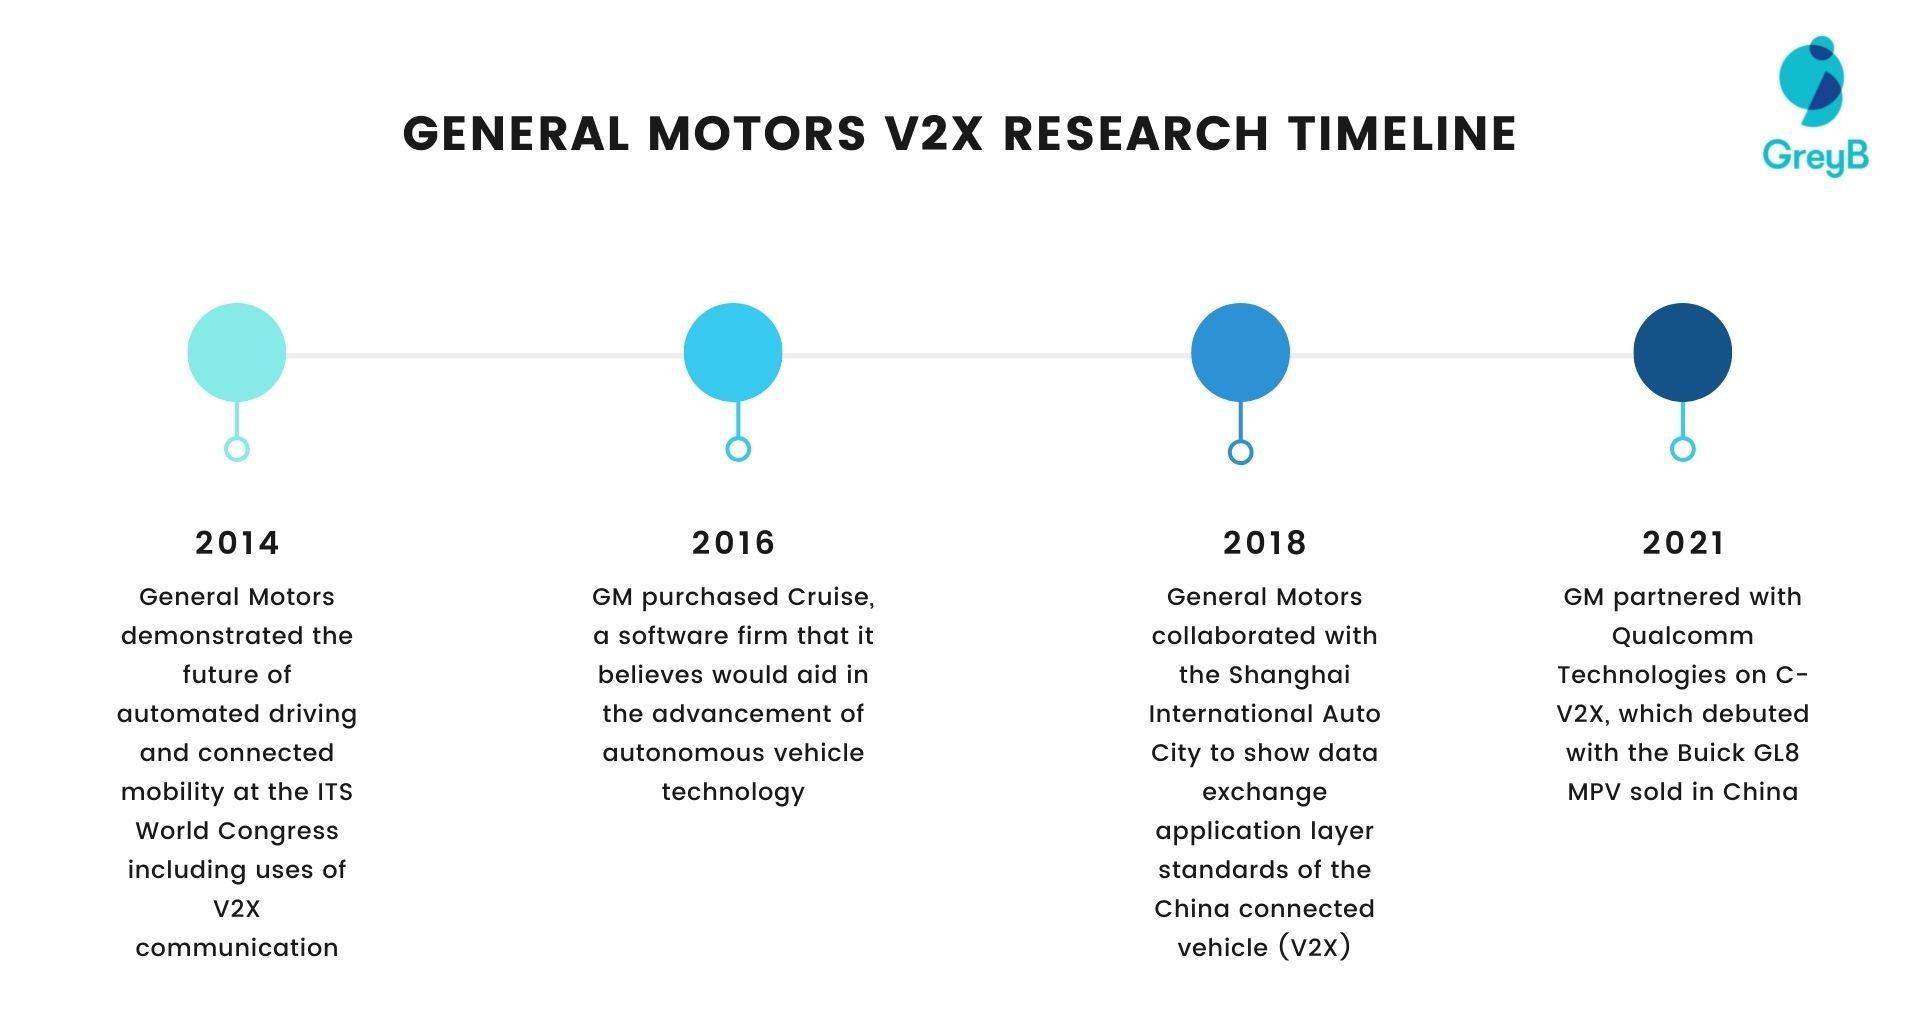 General Motors V2X Research Timeline